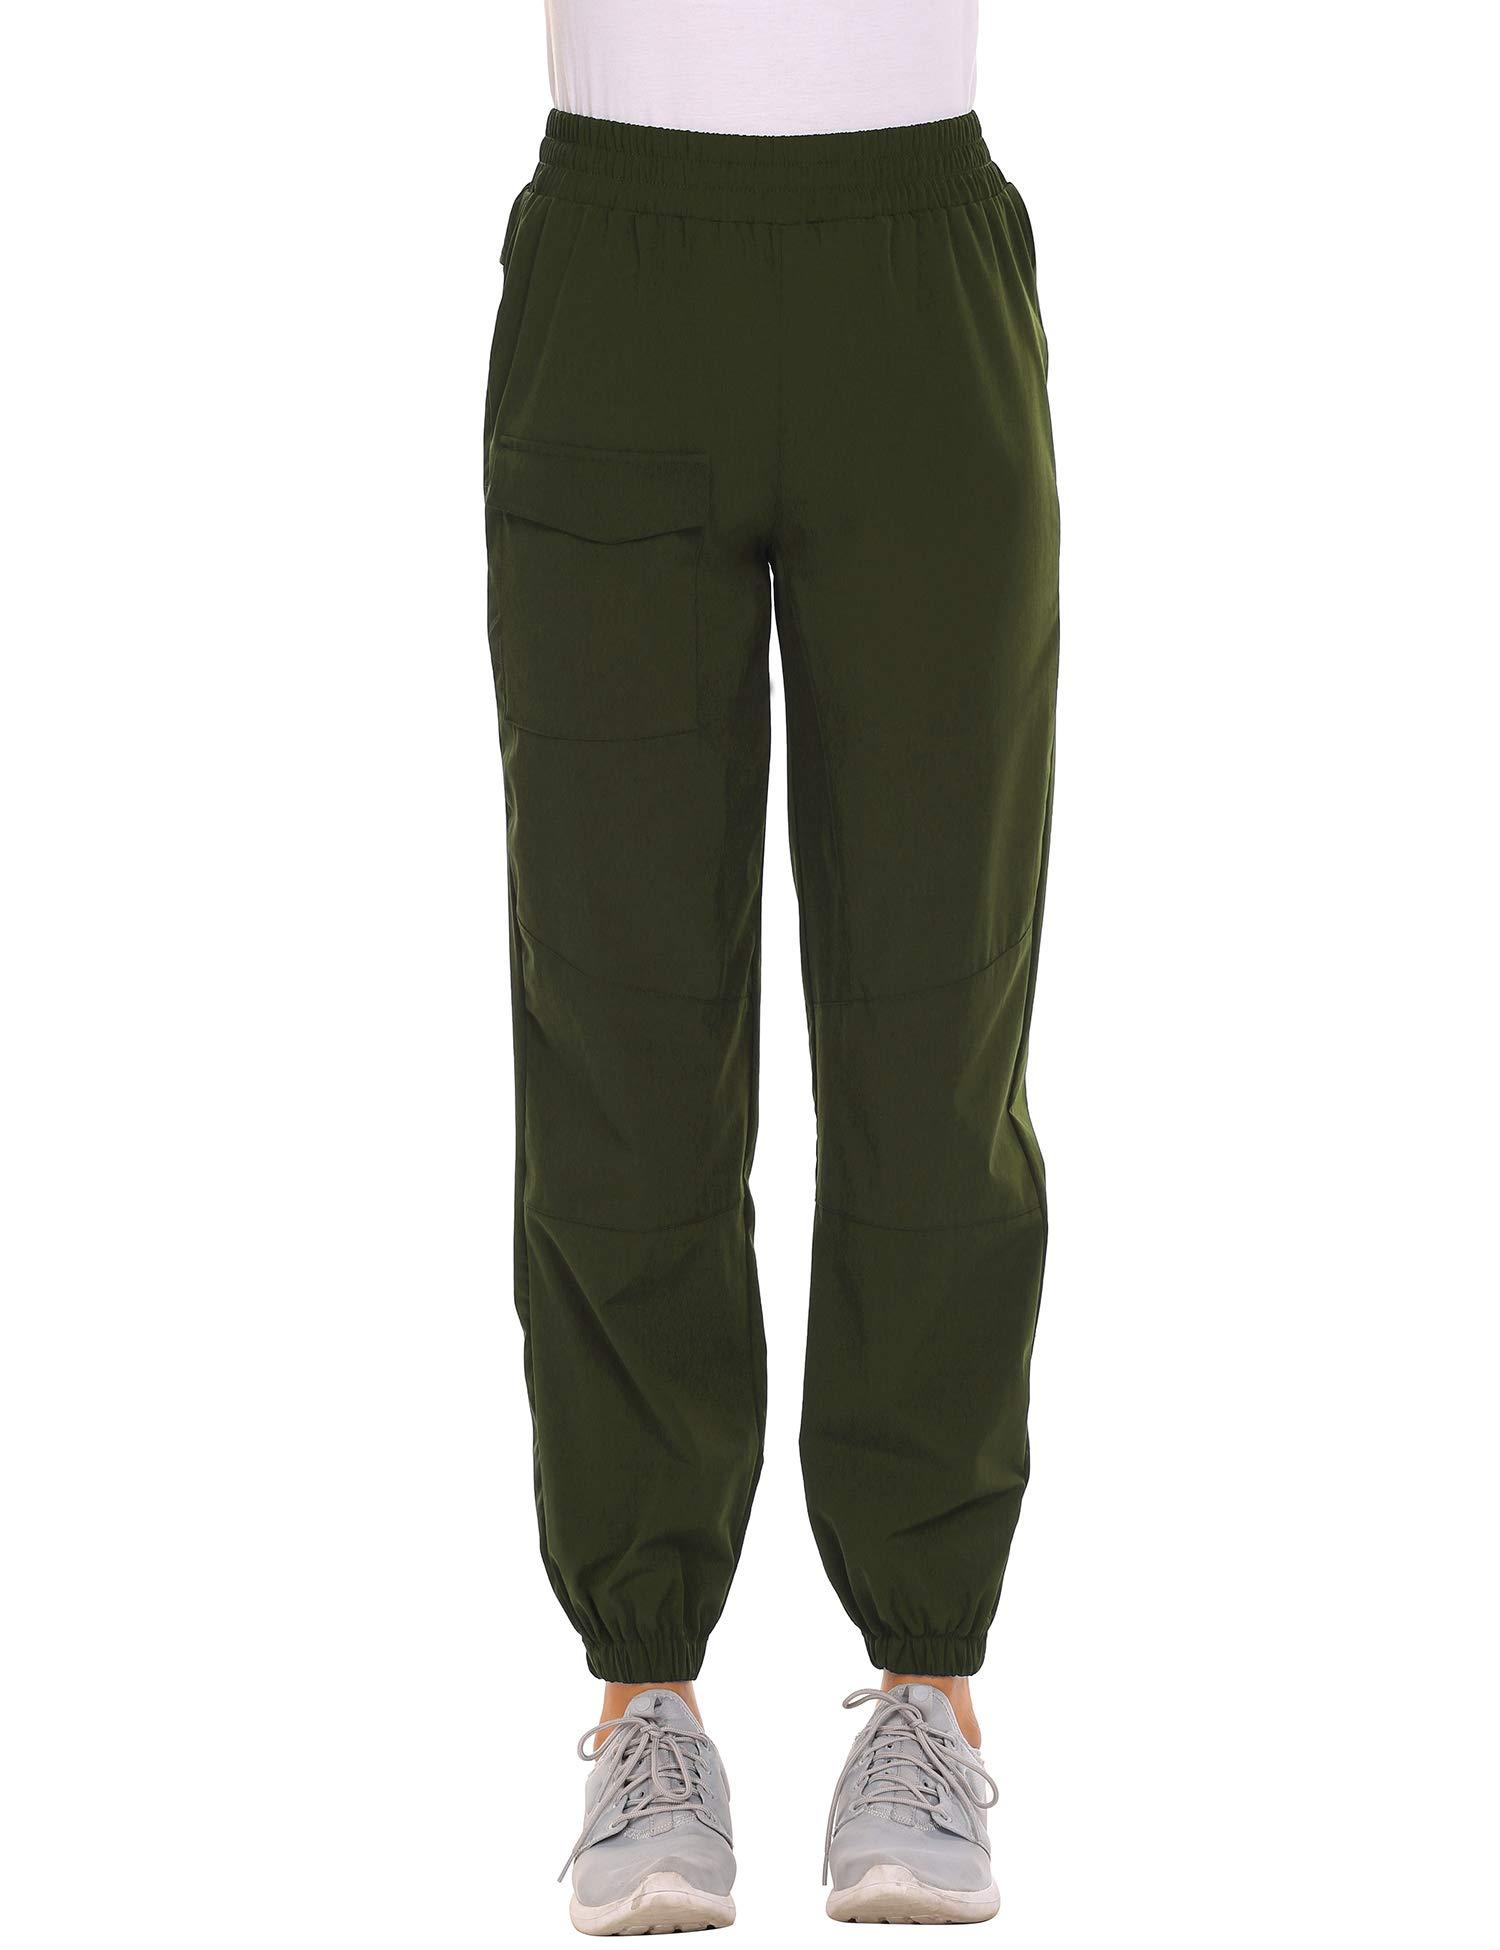 Chigant Pantalones cargo de senderismo para mujer, de secado rápido, ligeros, al aire libre, resistentes al agua, para acampar con bolsillos